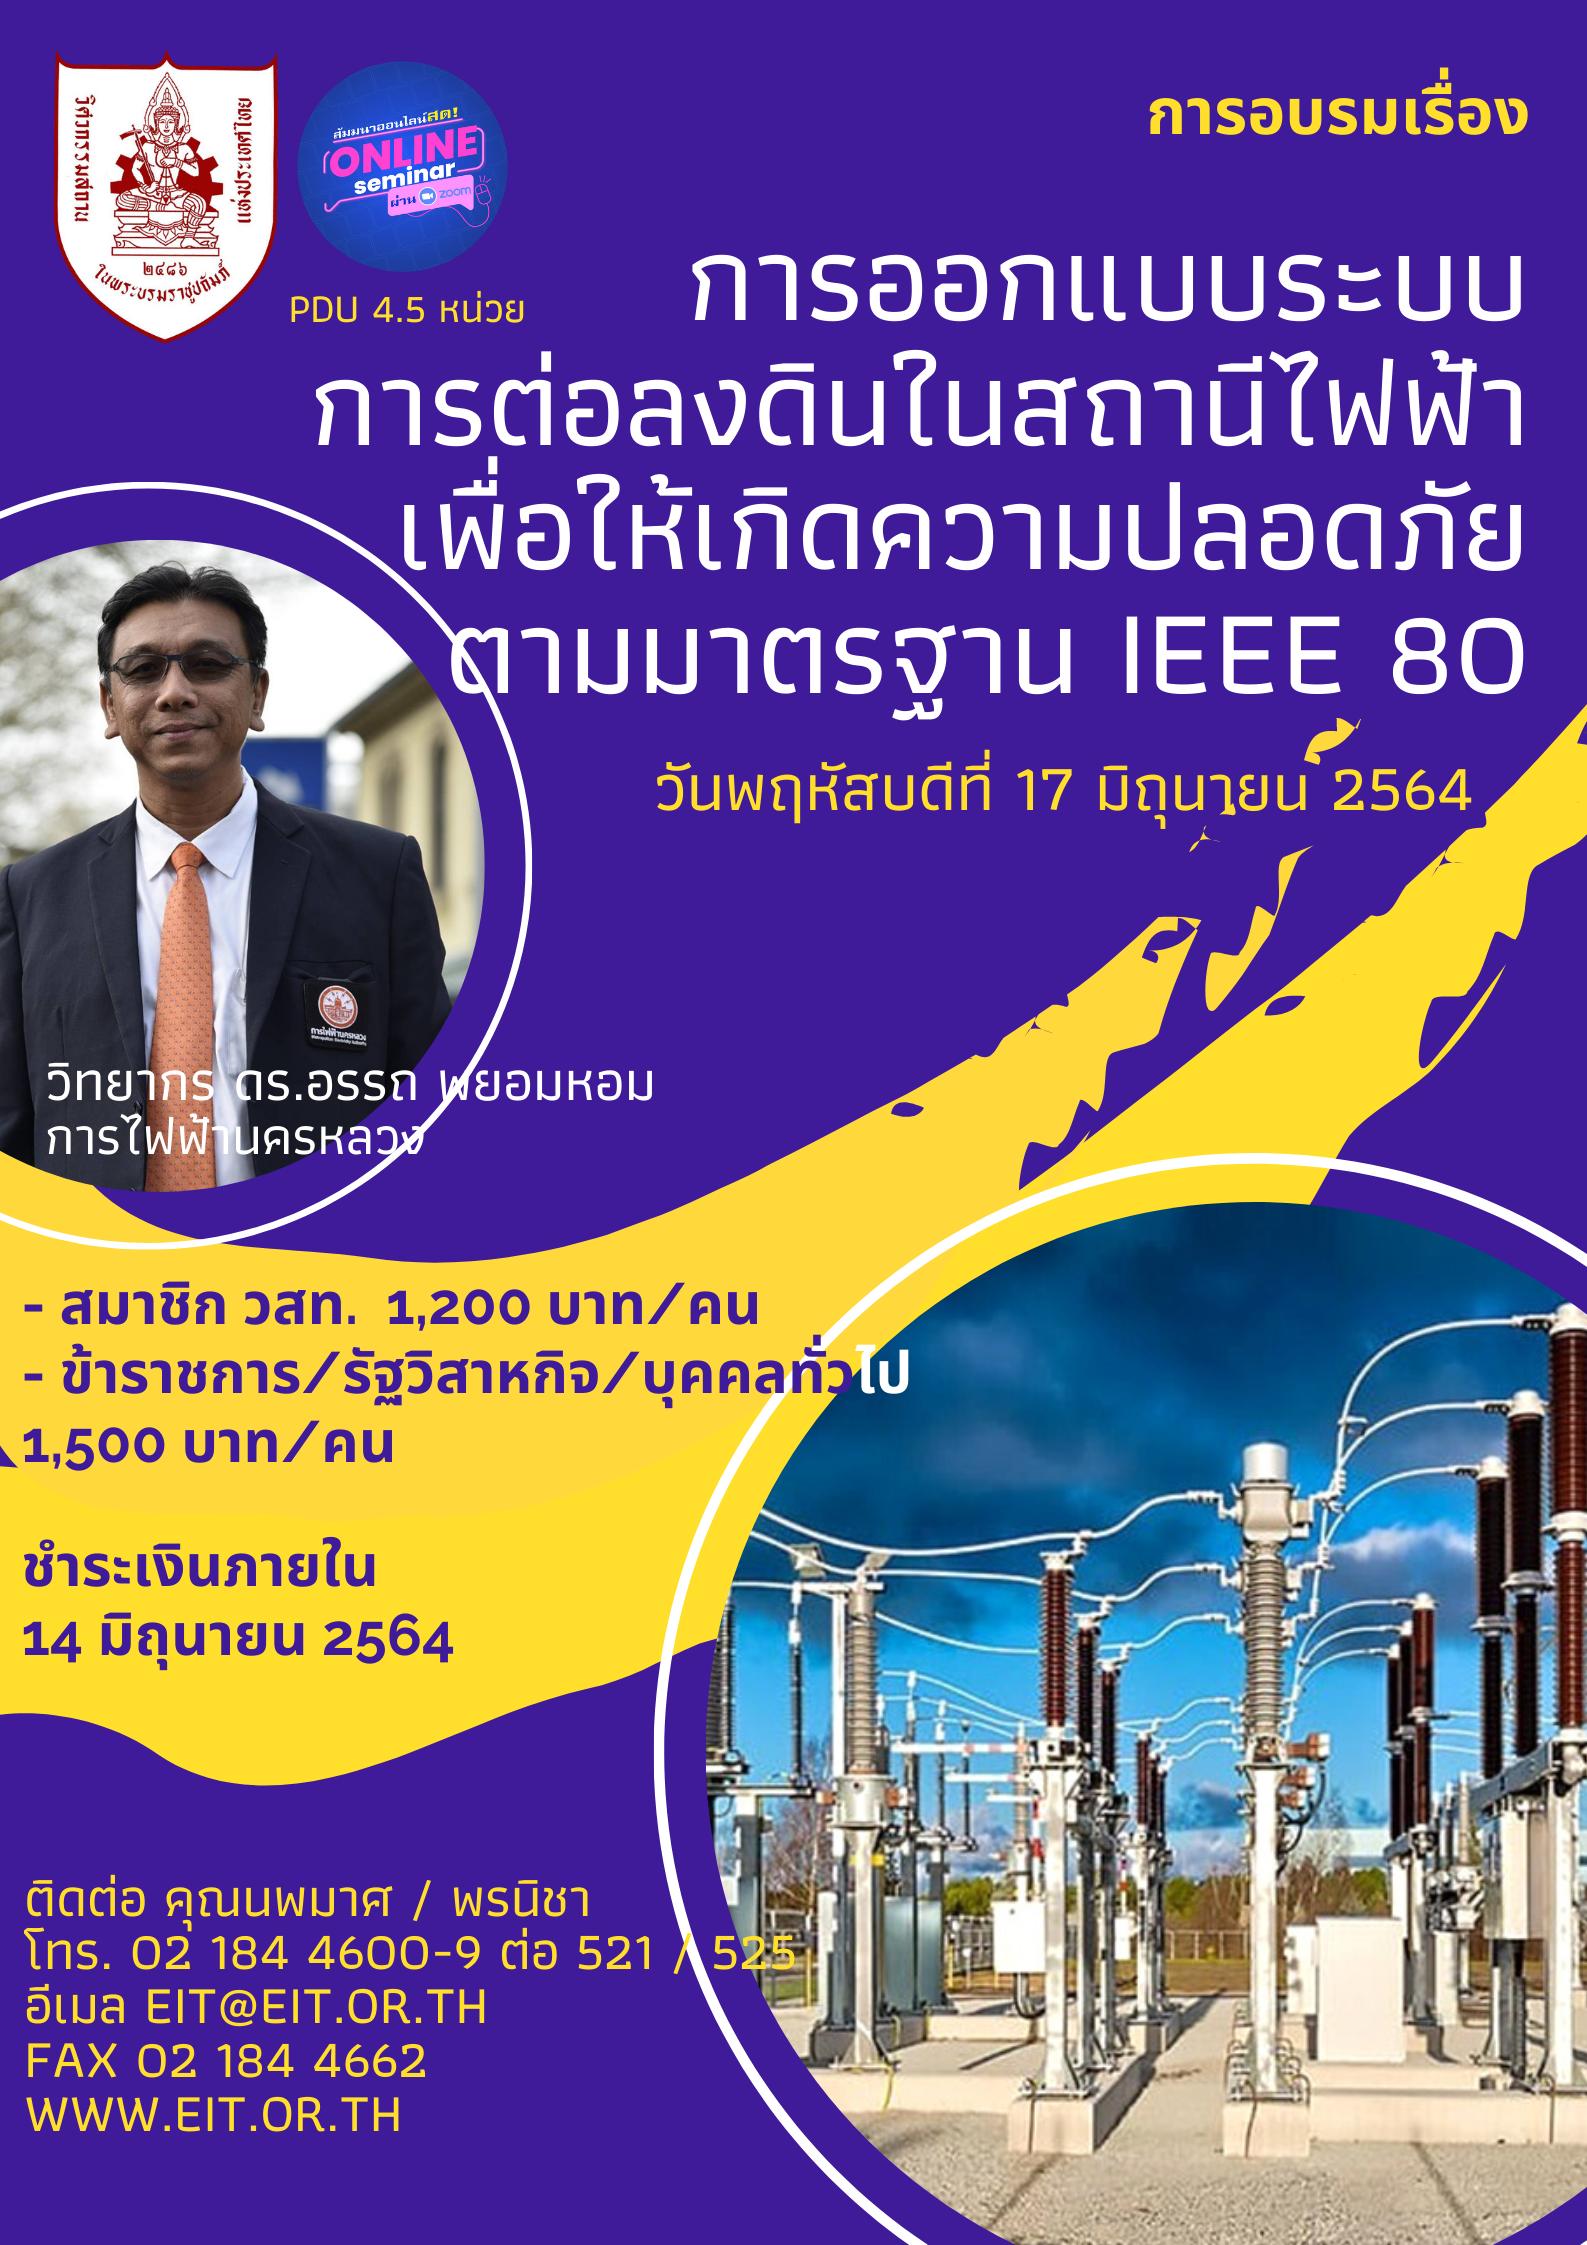 17/6/2564 การออกแบบระบบการต่อลงดินในสถานีไฟฟ้า เพื่อให้เกิดความปลอดภัยตามมาตรฐาน IEEE 80 **new  จัดออนไลน์